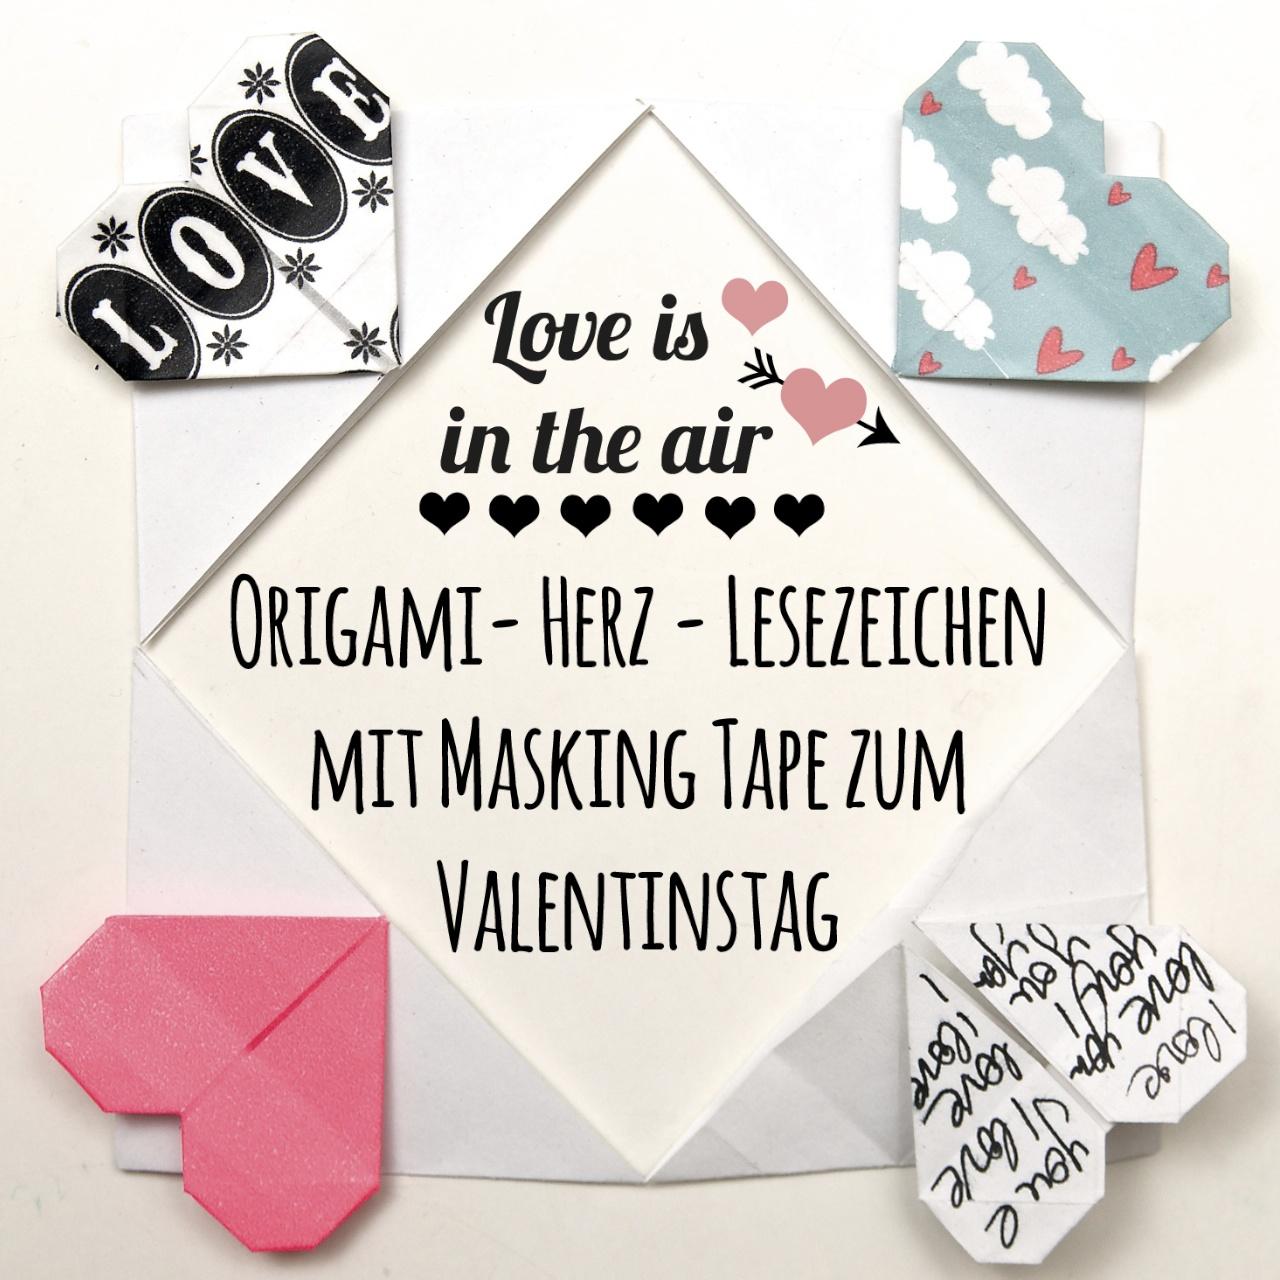 DIY Origami Herz als Lesezeichen, schönes Geschenk zum Valentinstag